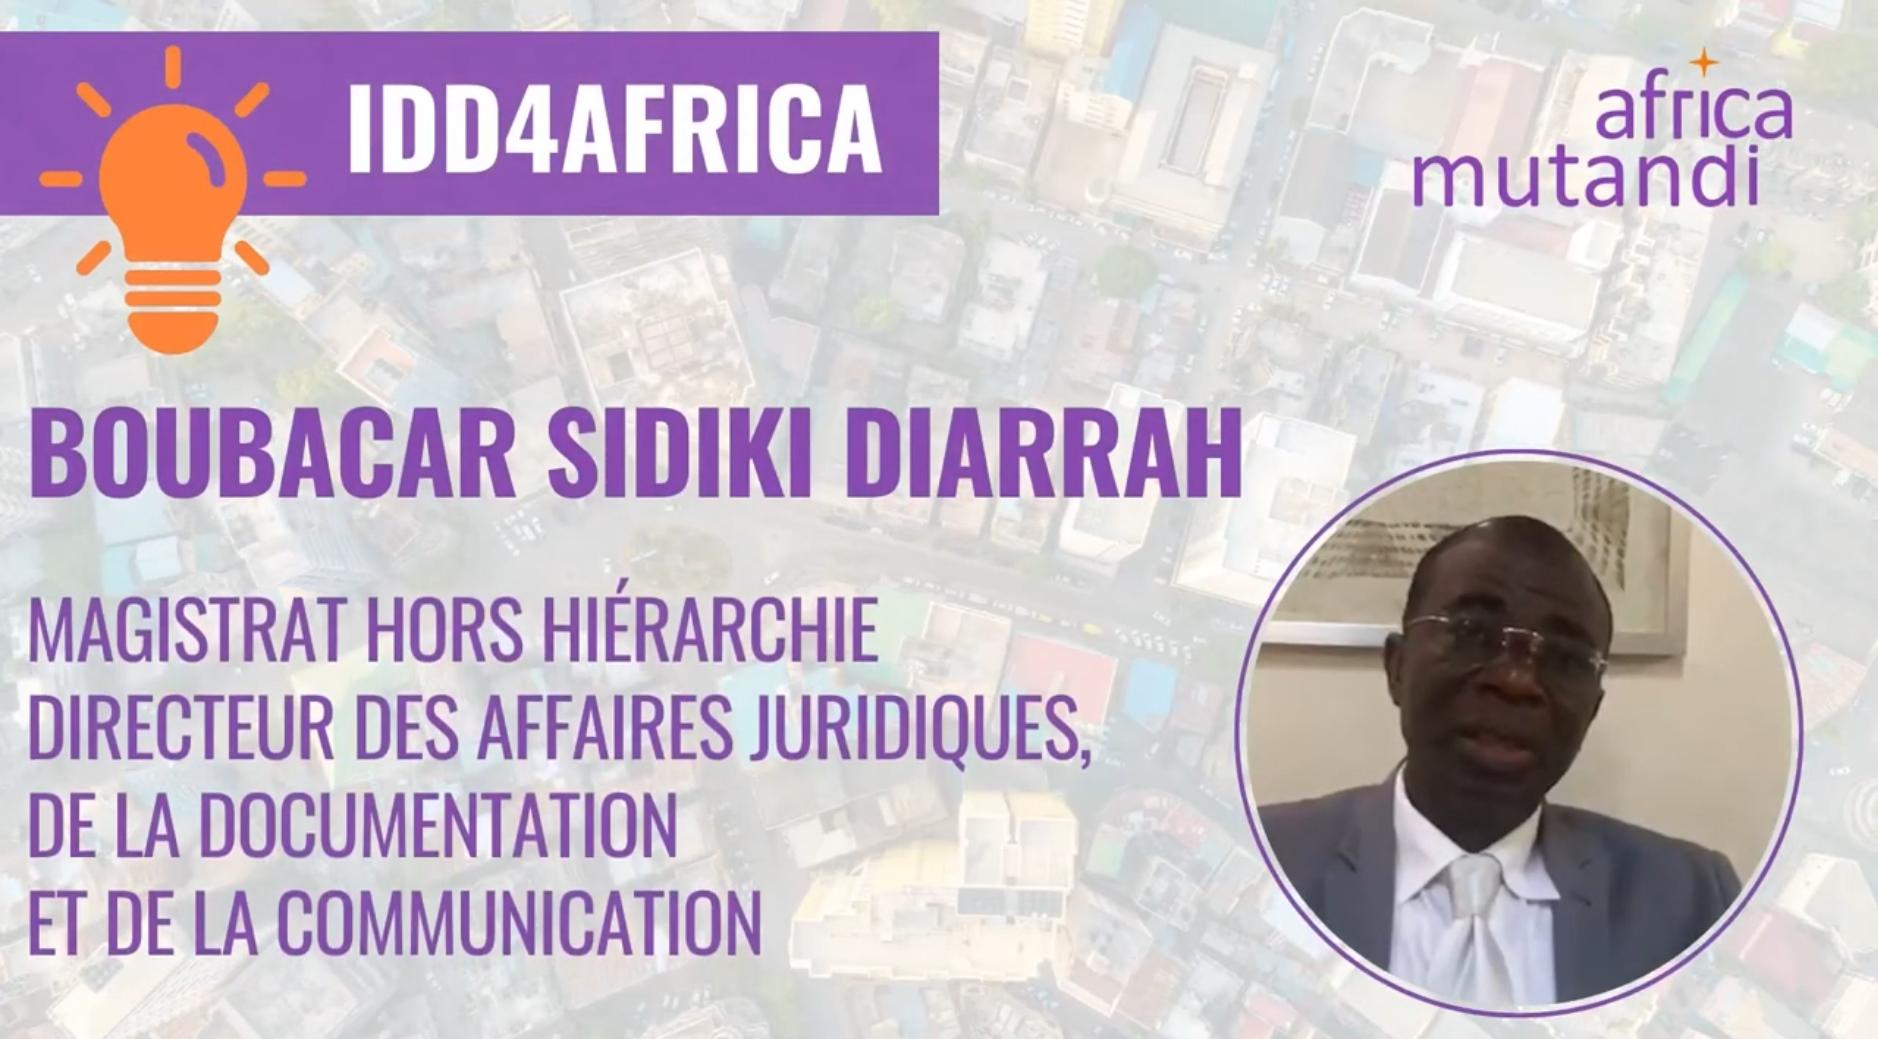 Boubakar Sidiki Diarrah – La vision de l'OHADA sur les en jeux de RSE